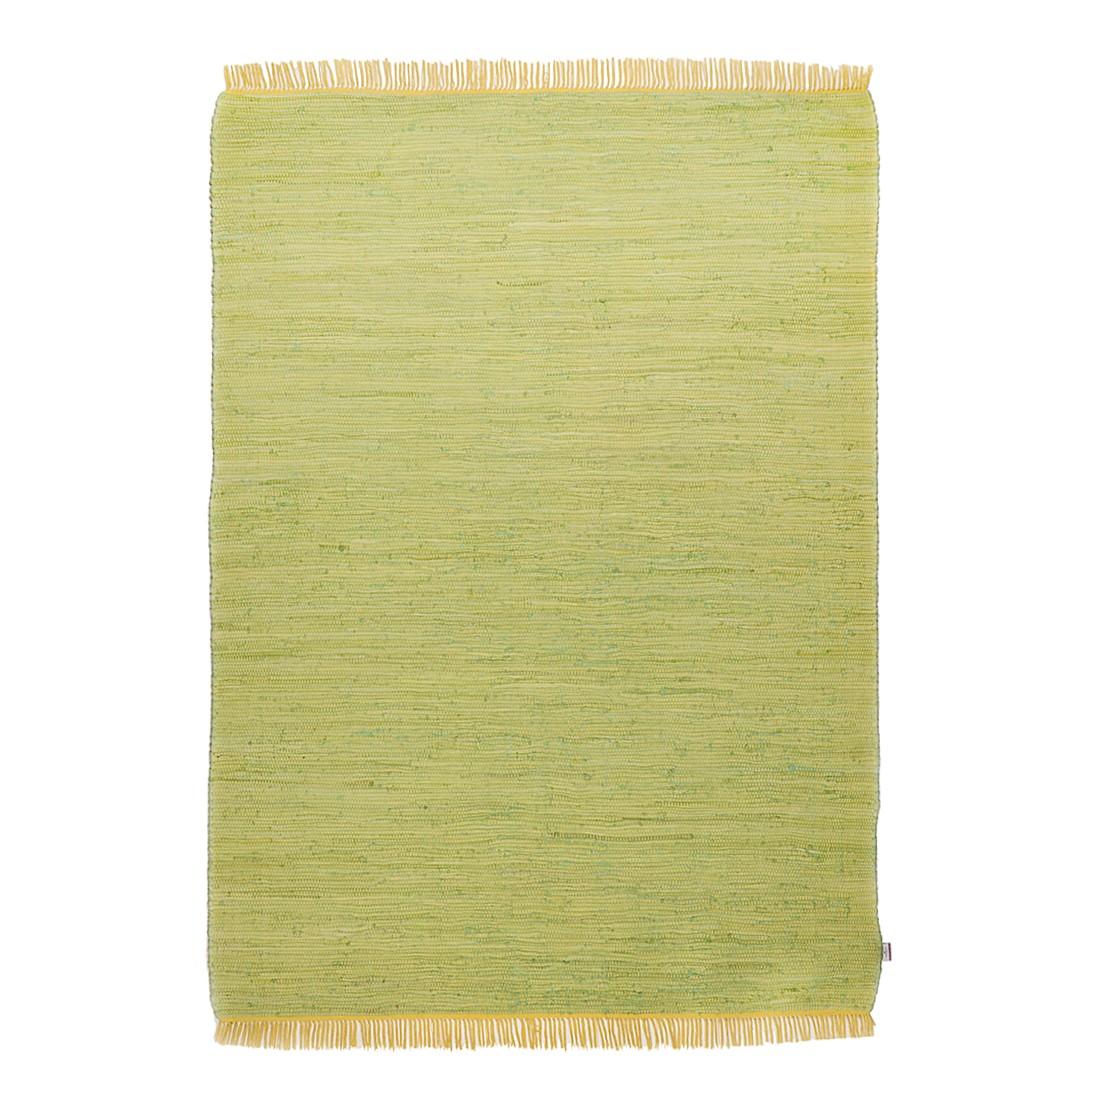 Vloerkleed Cotton - Groen - 80x150cm, Tom Tailor